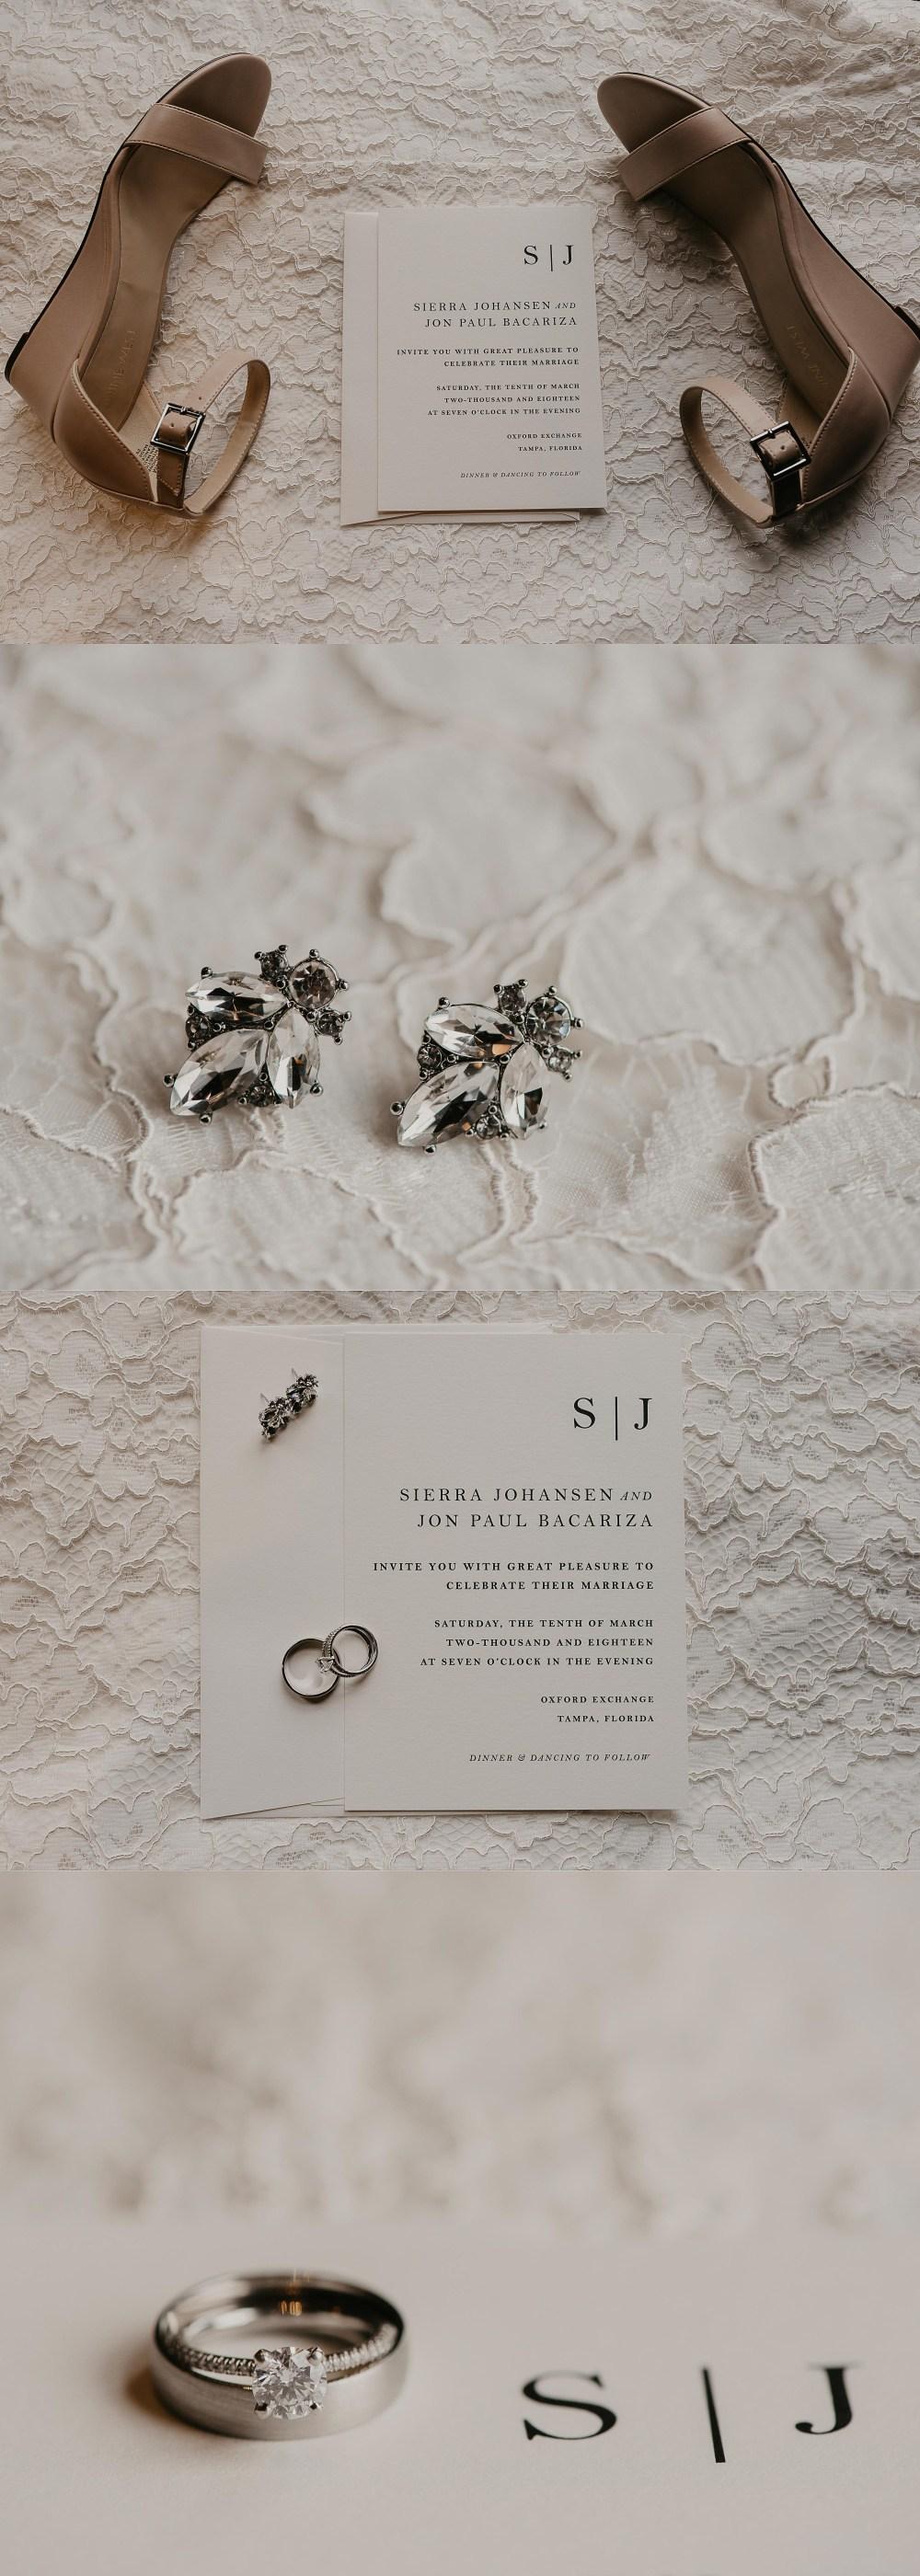 Oxford Exchange Tampa Wedding, Tampa Wedding Photographer Kristen Sloan